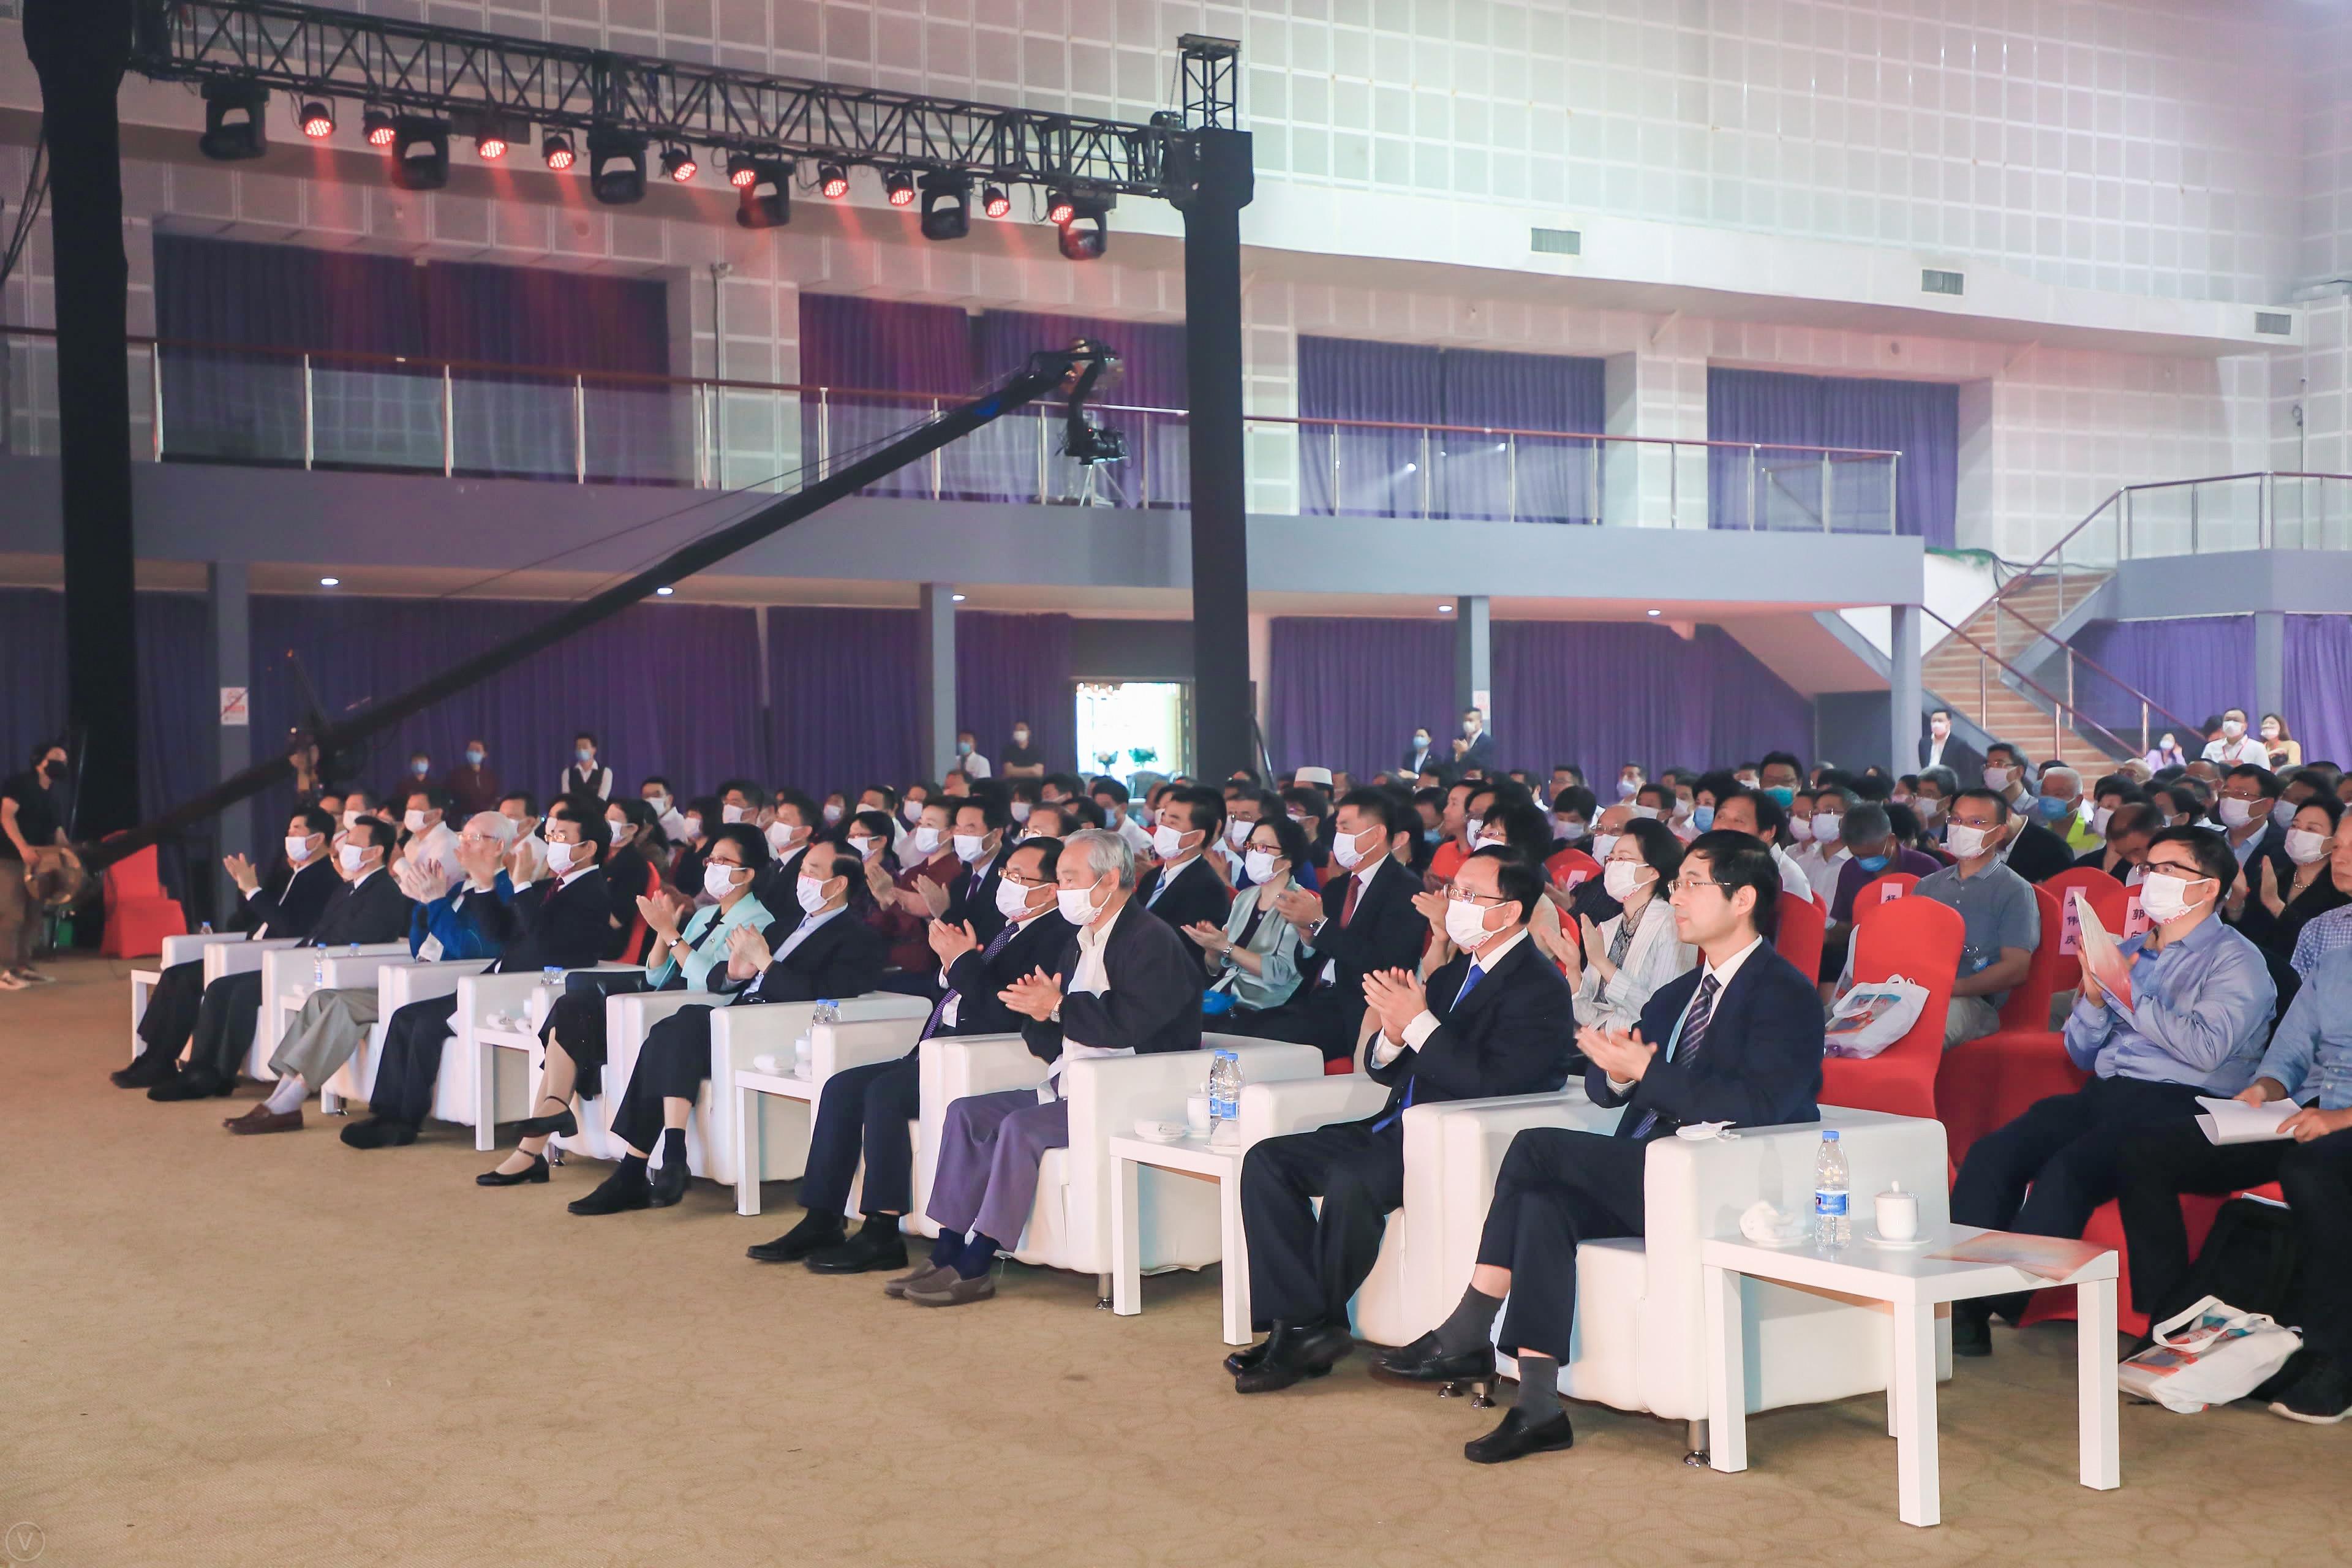 庆祝中国共产党成立100周年暨海淀区政协成立40周年大会召开